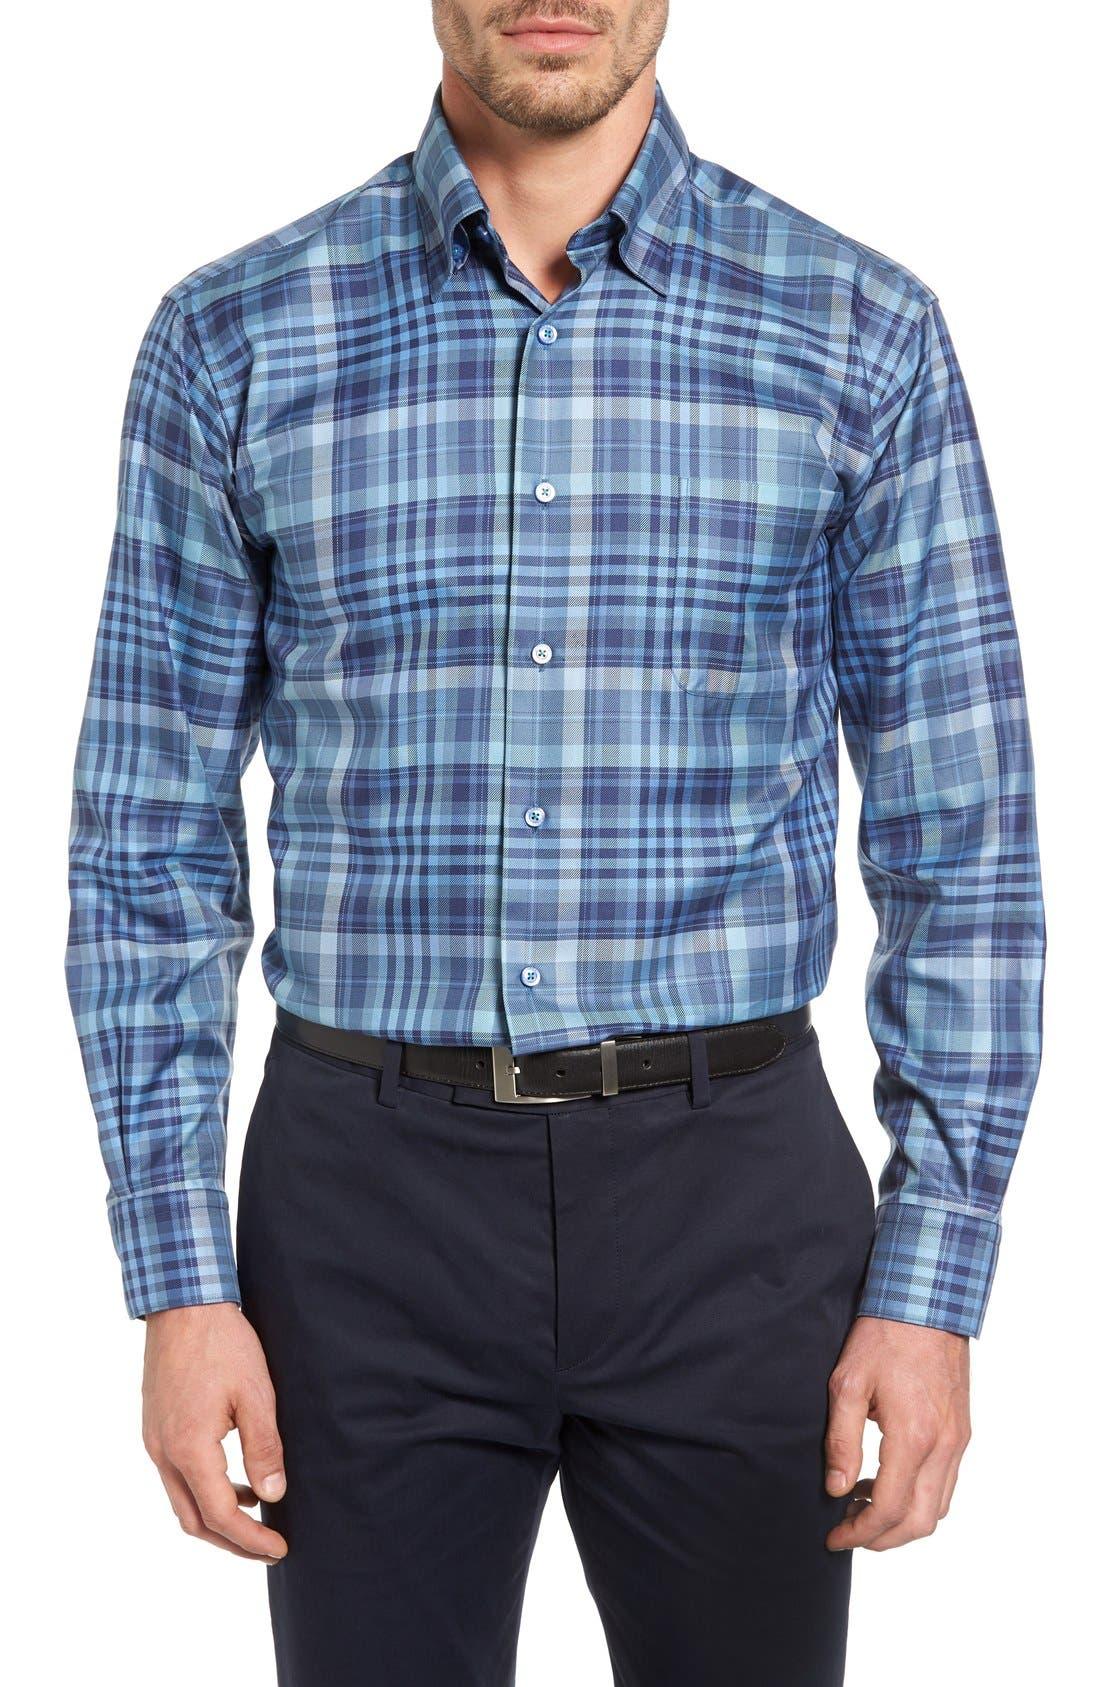 Robert Talbott 'Anderson' Classic Fit Plaid Sport Shirt